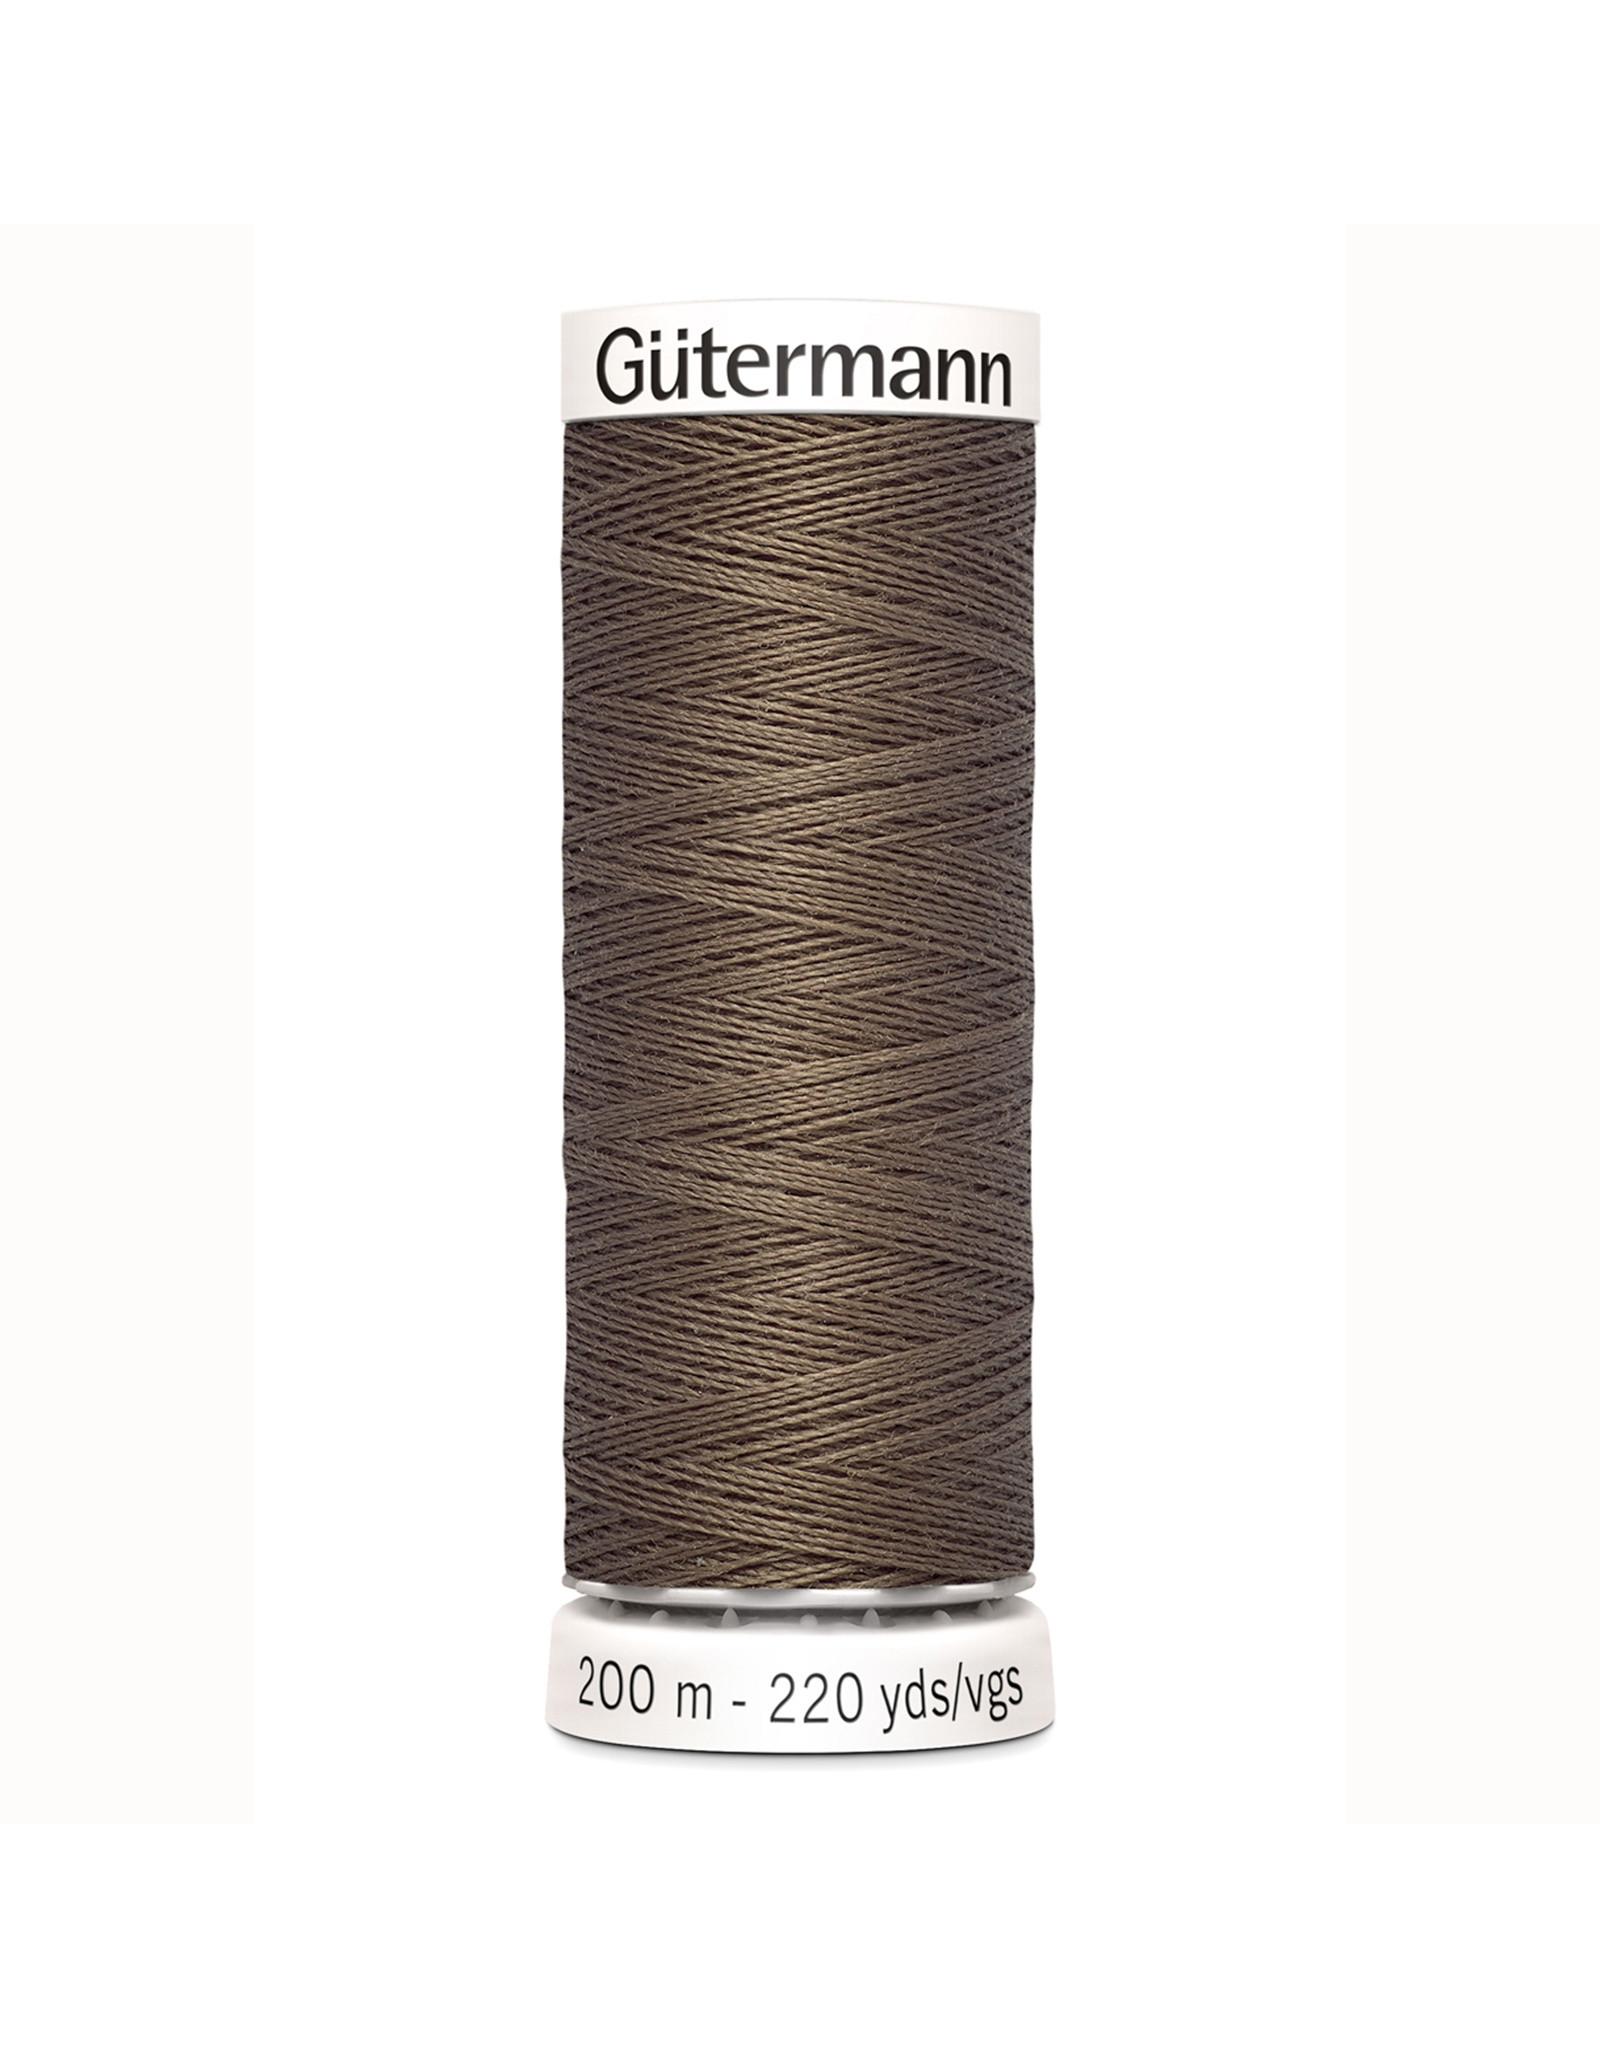 Gütermann Gütermann Nähgarn 200 m - nr 209